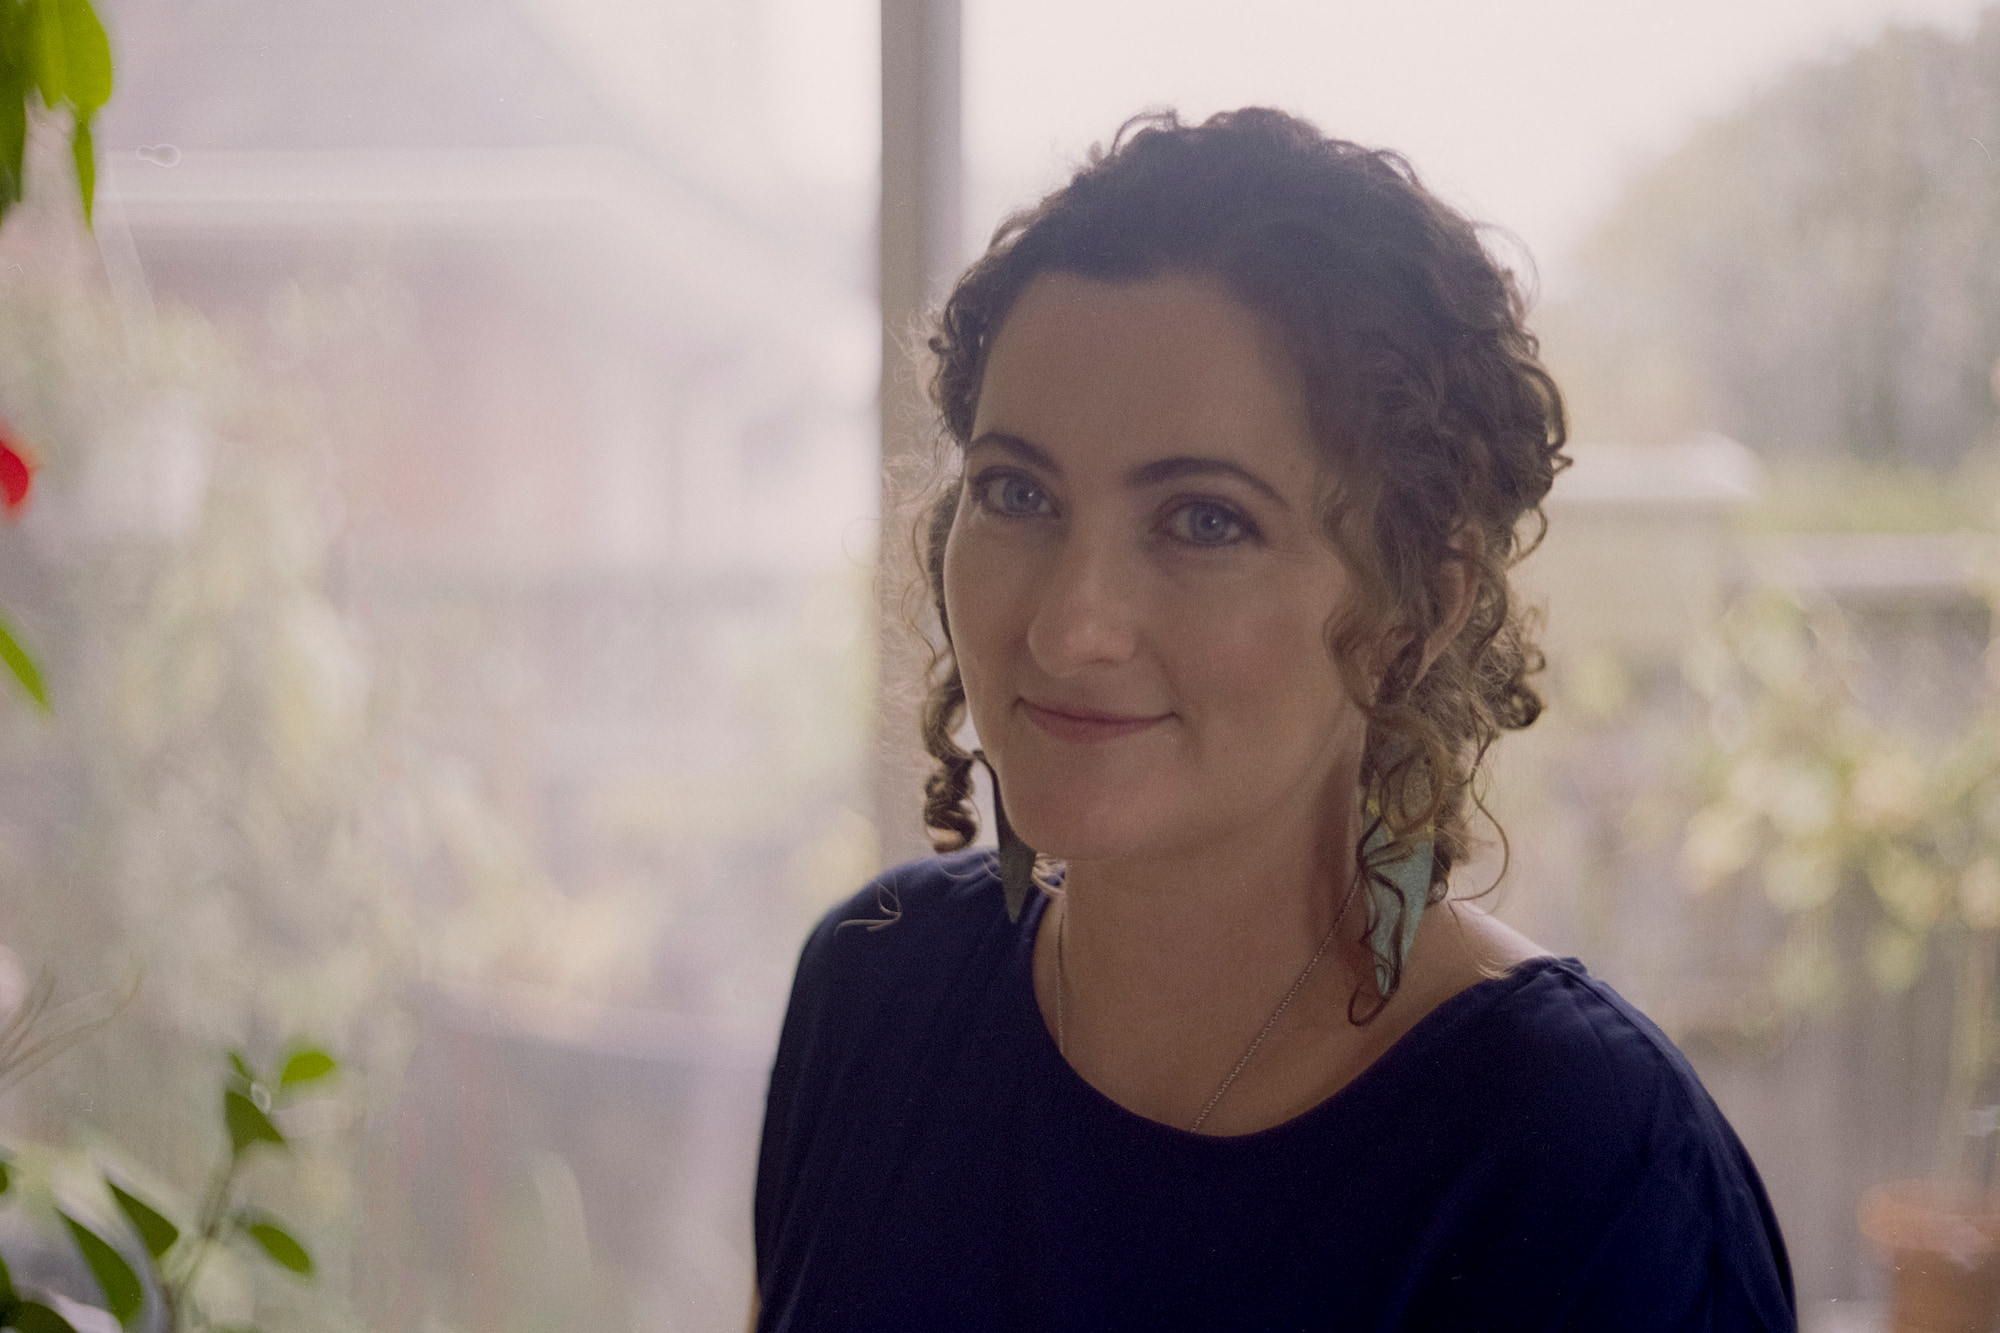 curlied hair woman standing near window